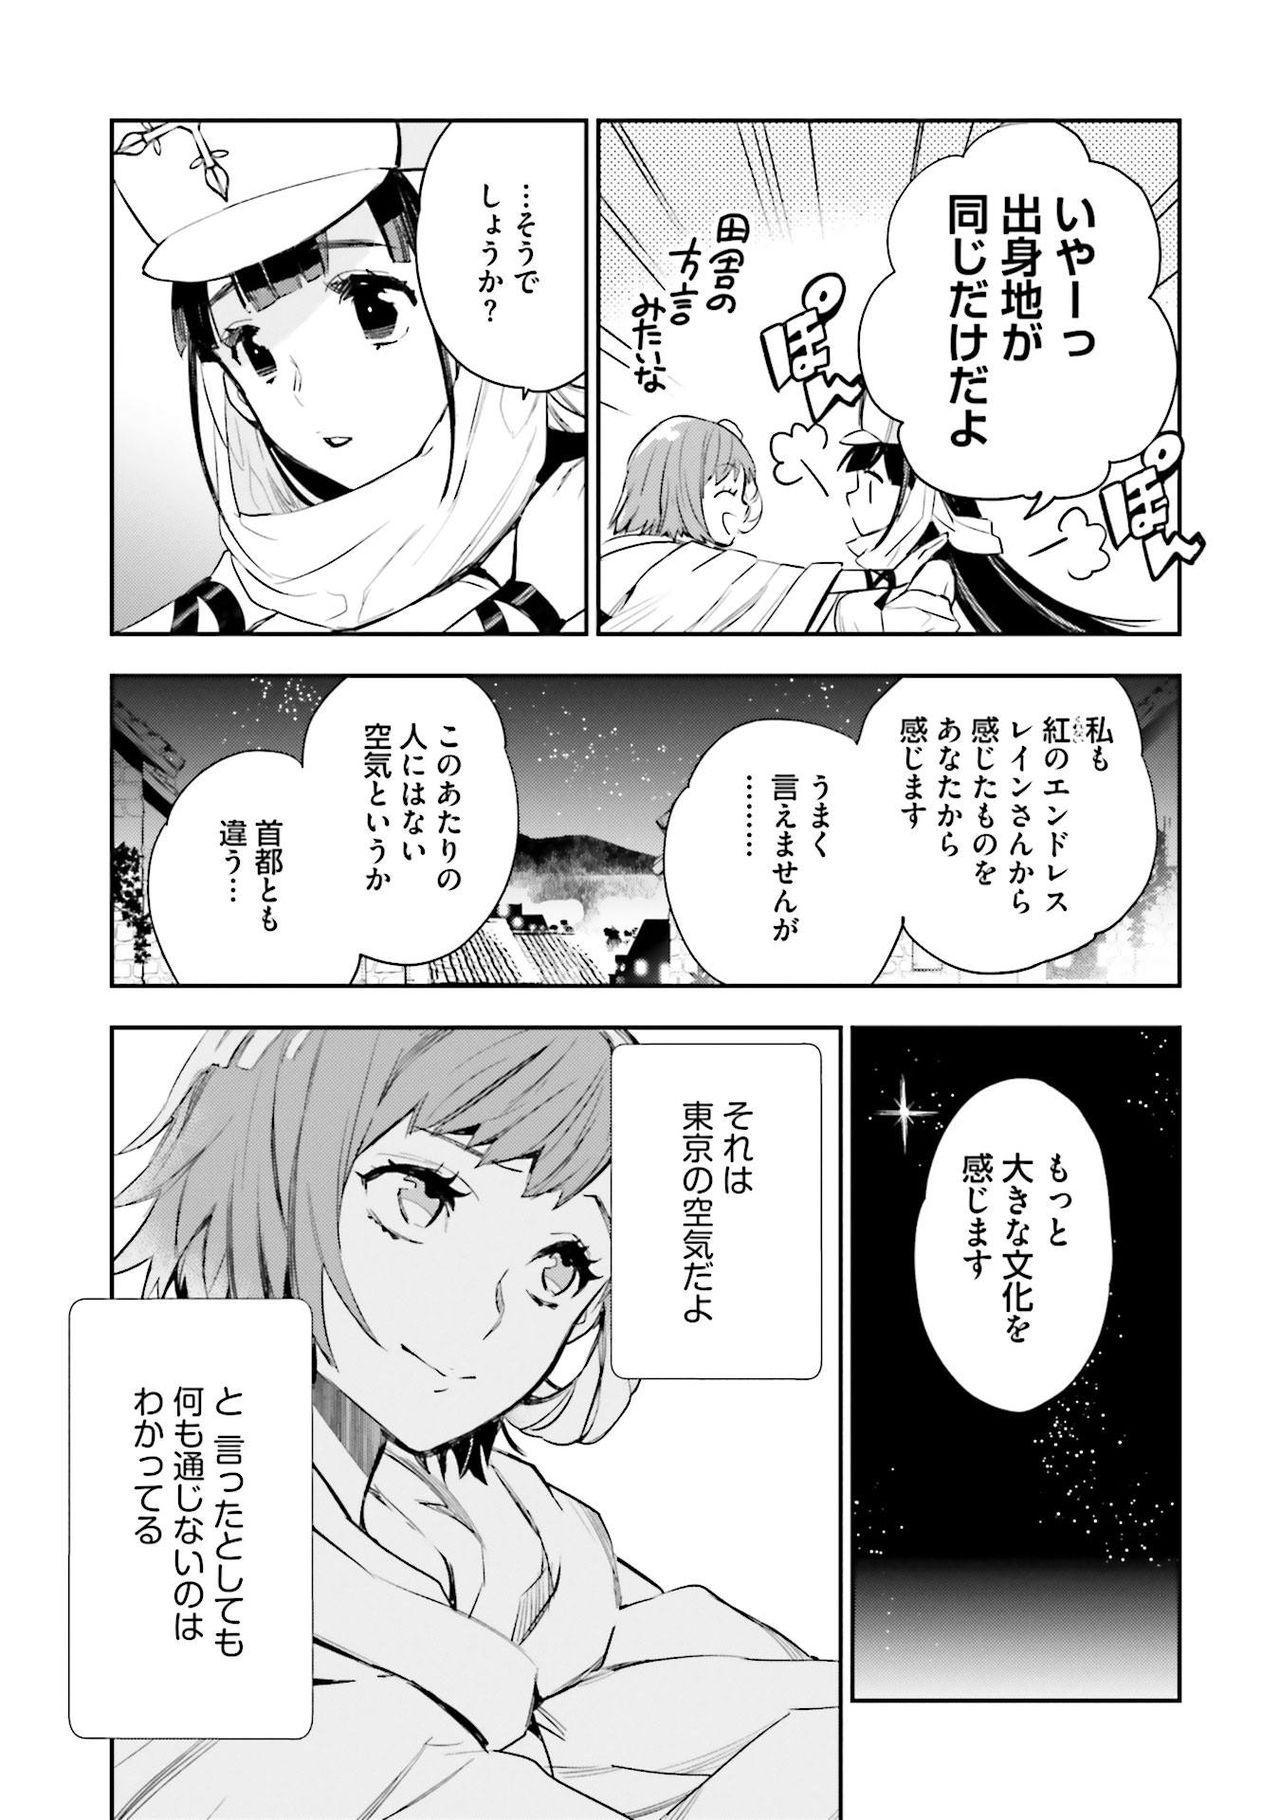 JK Haru wa Isekai de Shoufu ni Natta 1-14 205